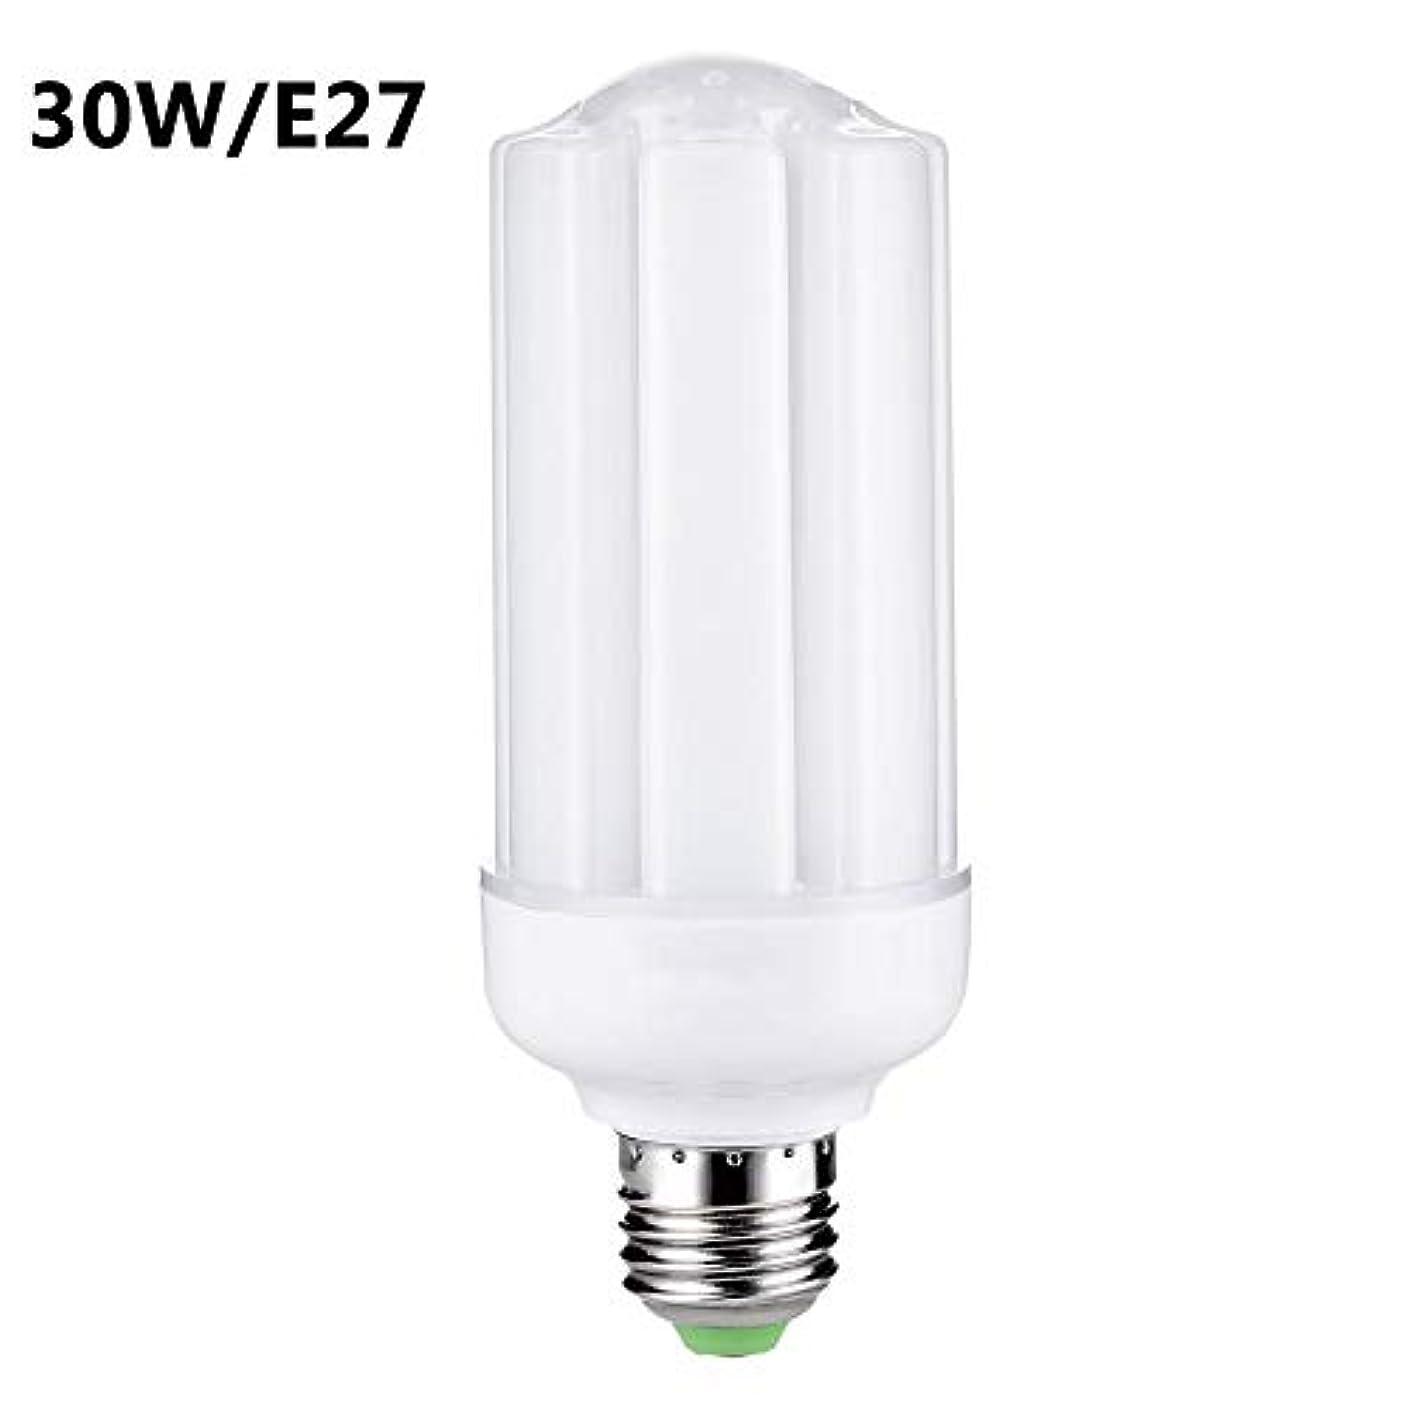 思われる千ジュニア85-265V E27 / E26 30W / 3000LM省エネランプLEDコーン電球バヨネットネジLEDライト